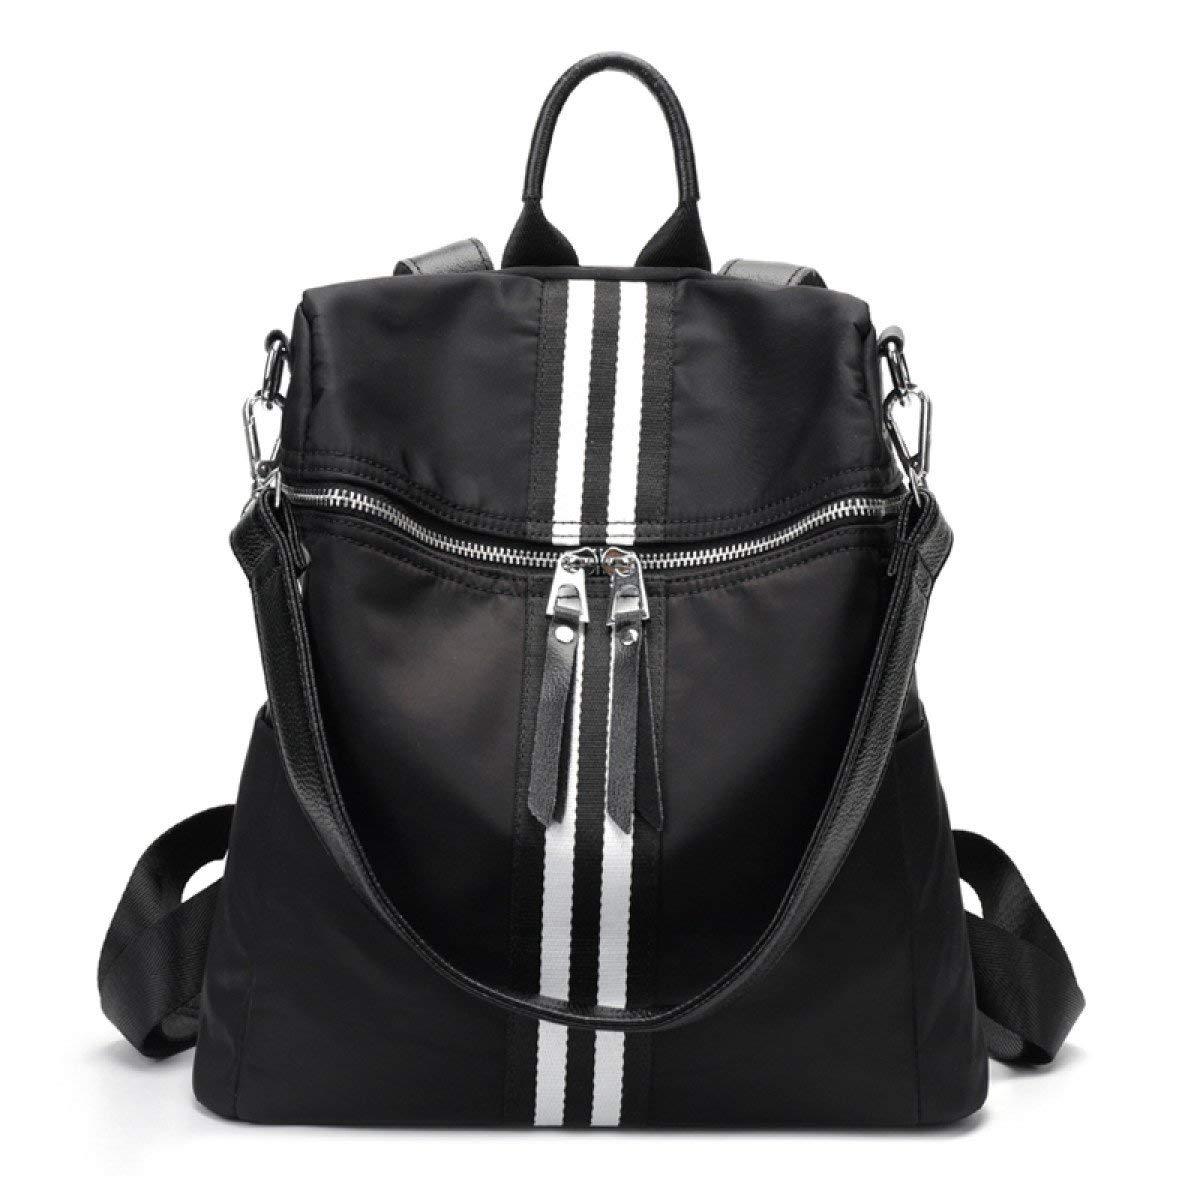 HX fashion オックスフォード布ショルダーバッグ女性のシンプルな野生の光大容量デュアルユースバッグ旅行バックパックブラックのバックパック One Size ブラック B07QQQ832K